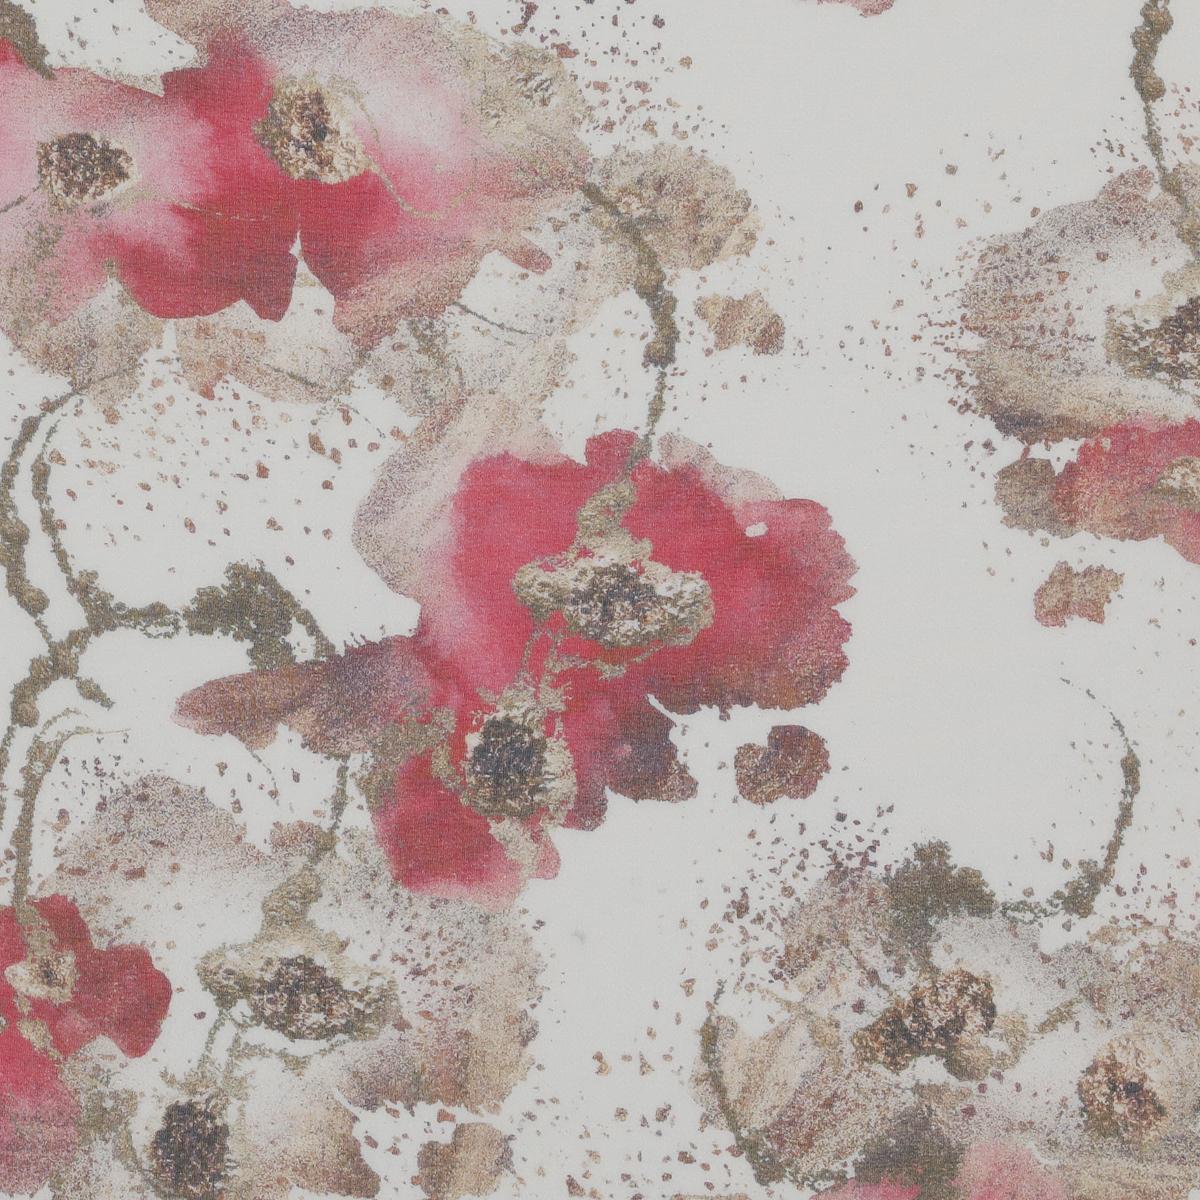 Шёлковая бело-молочная вуаль с акцентами розовых оттенков